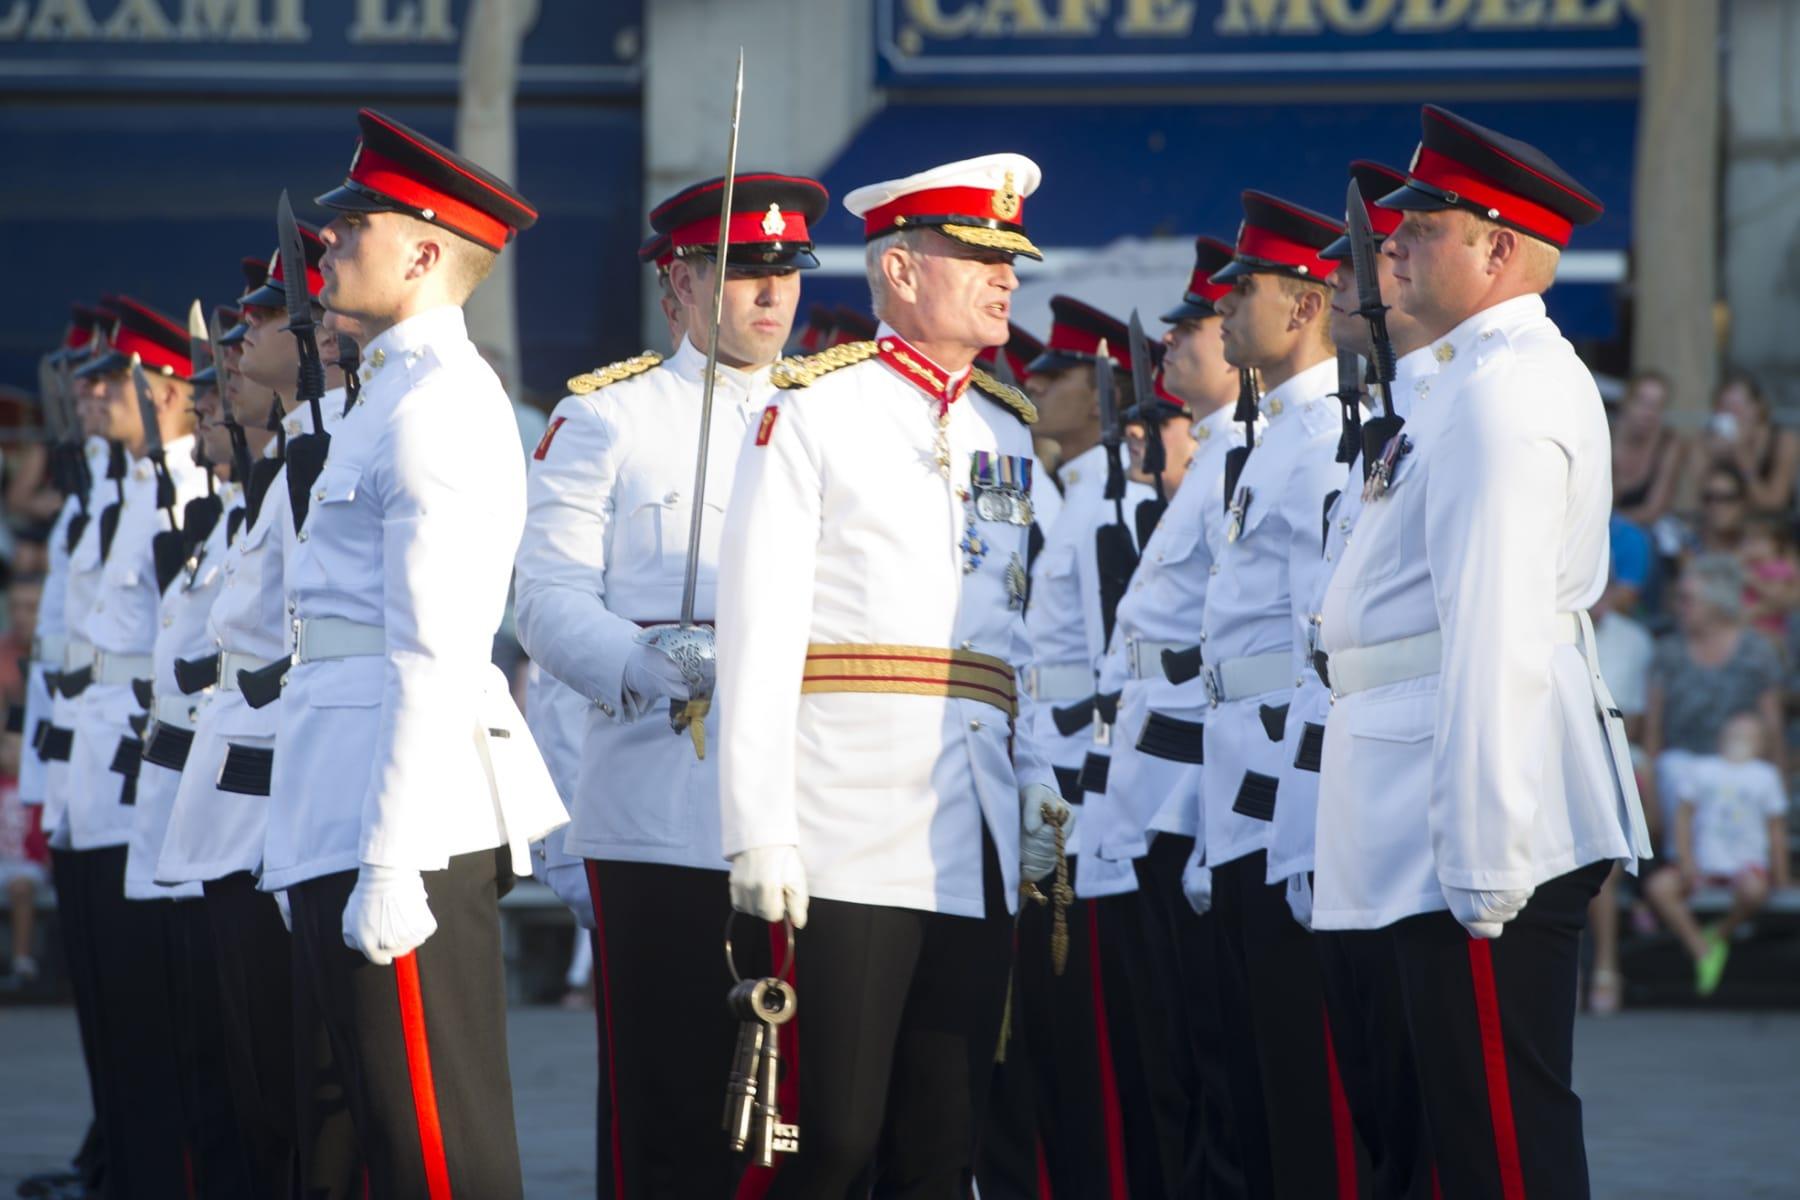 ceremonia-de-las-llaves-gibraltar-25092014-09_15334829606_o